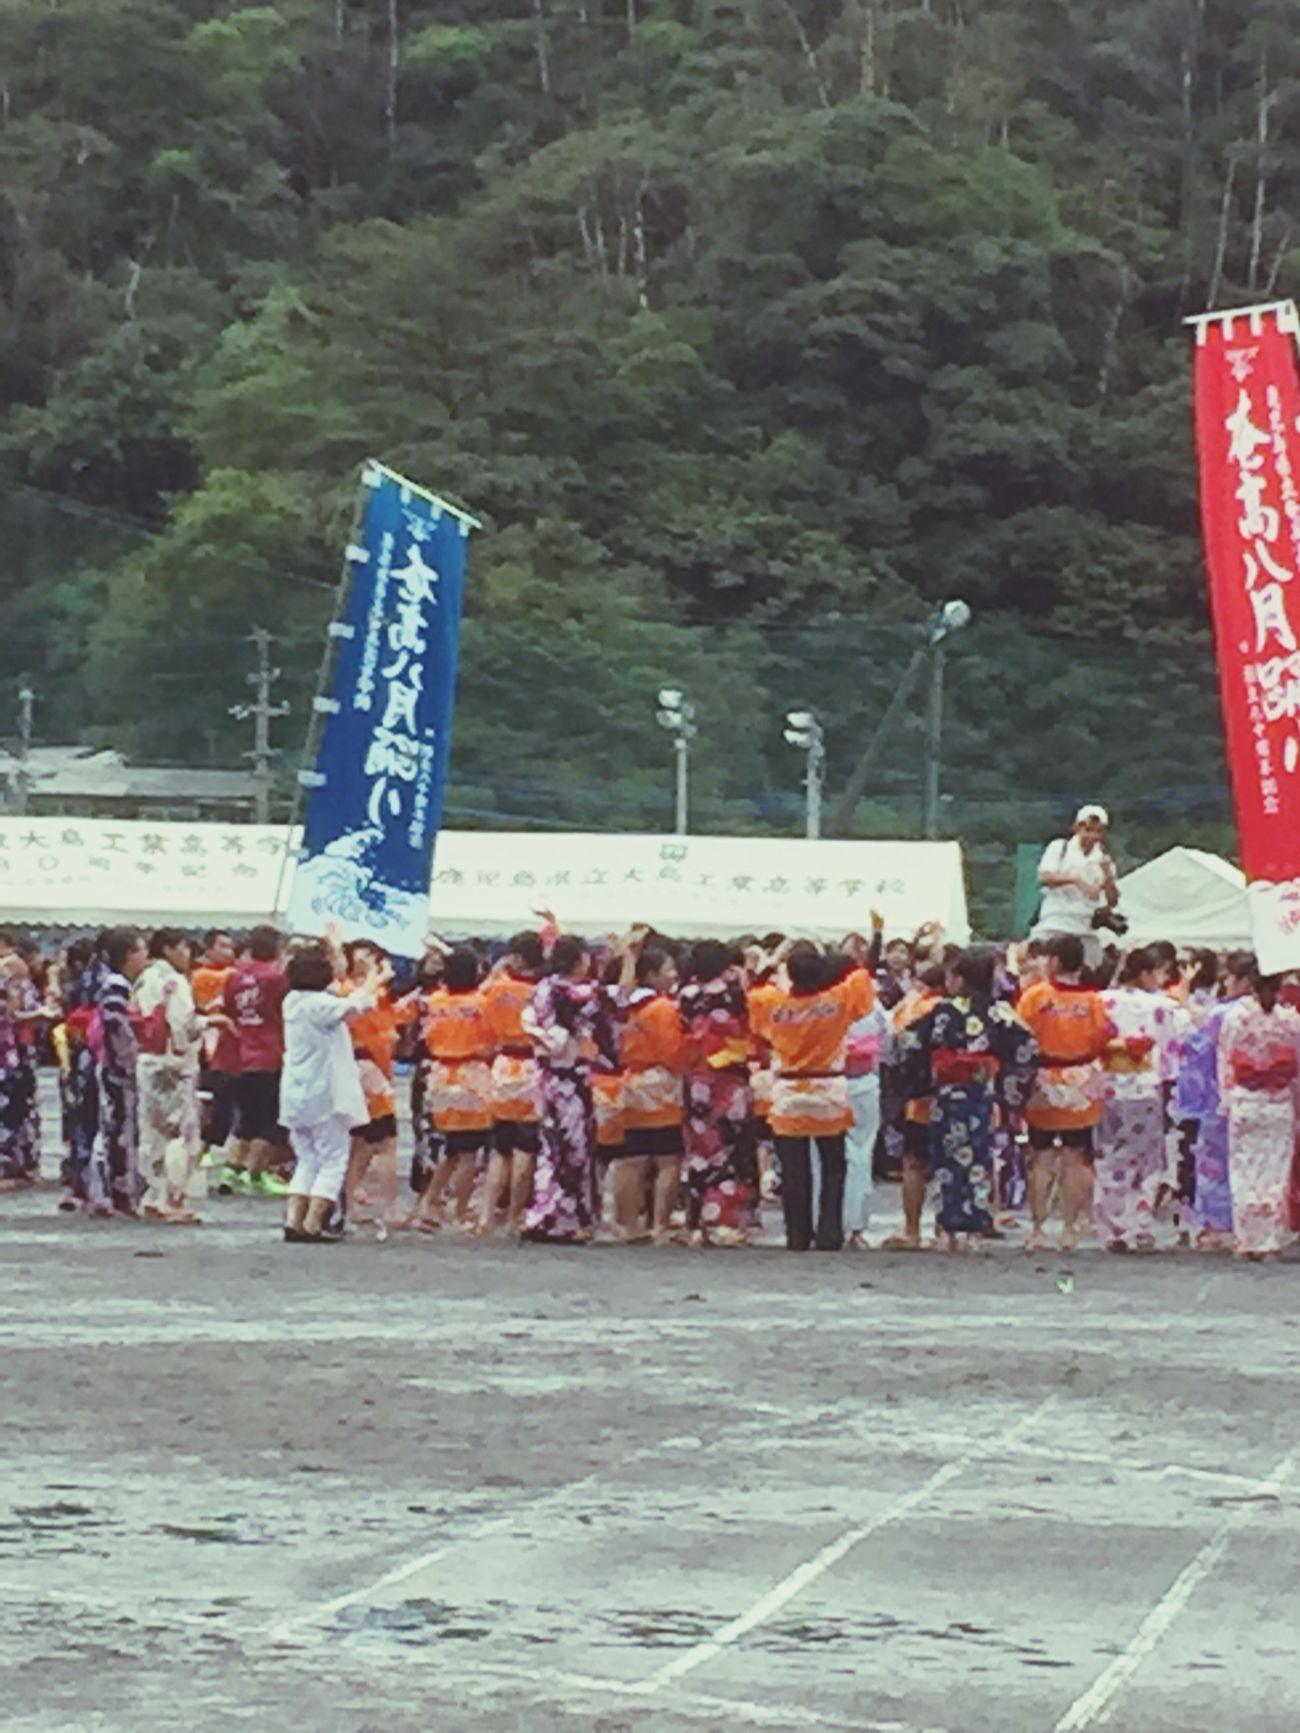 八月踊り 体育祭 伝統 文化